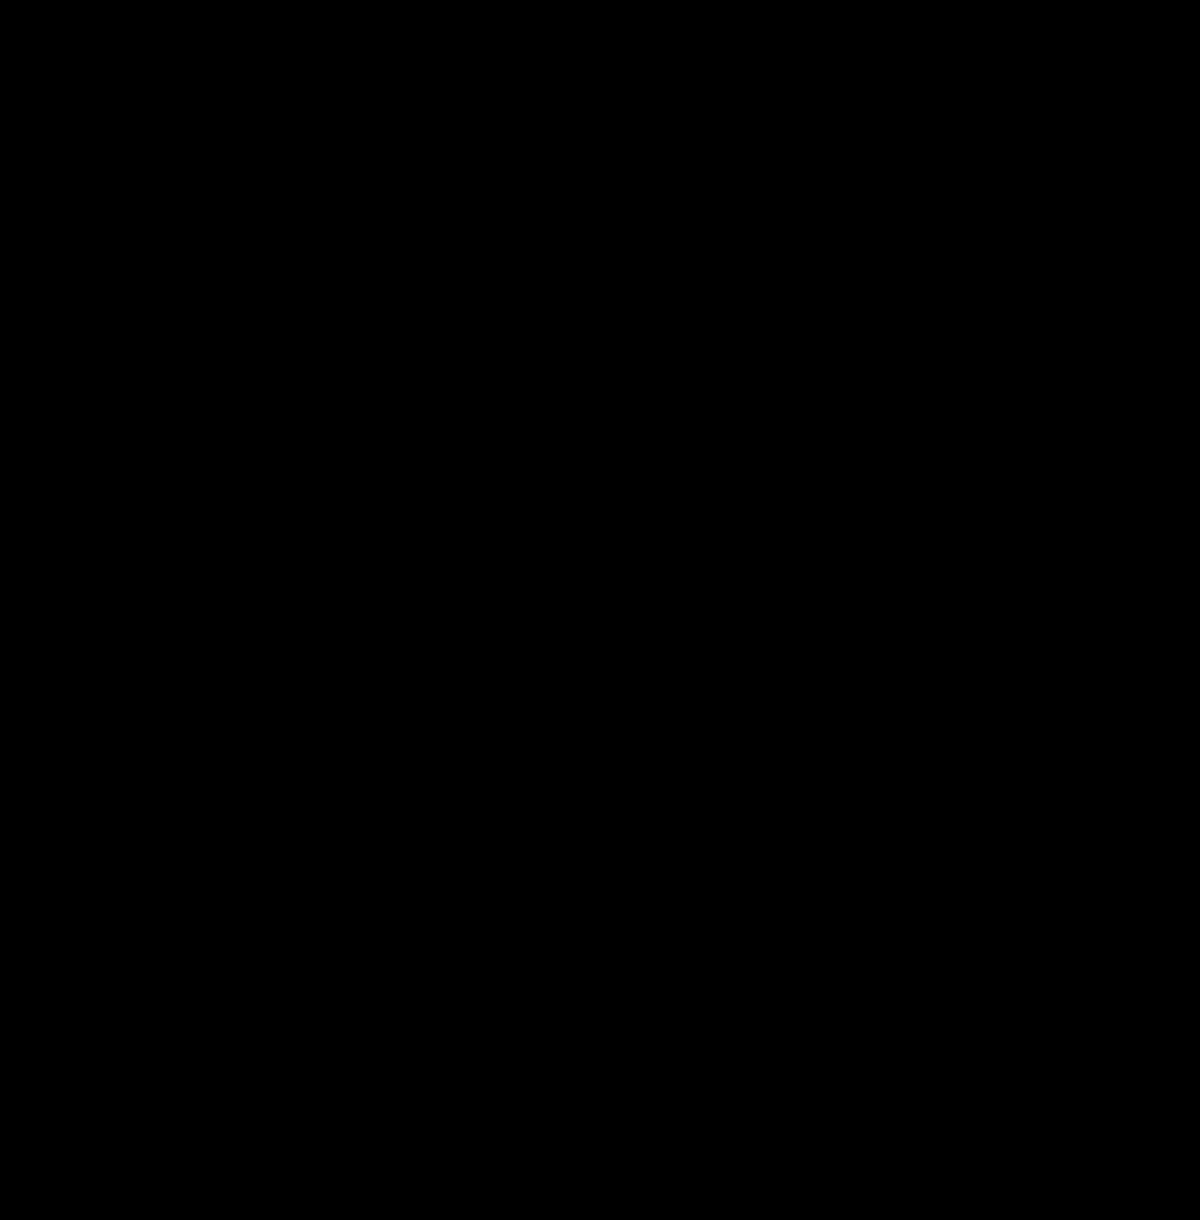 3580EF64-2003-4B1D-B3B9-E92EBFAE69EC